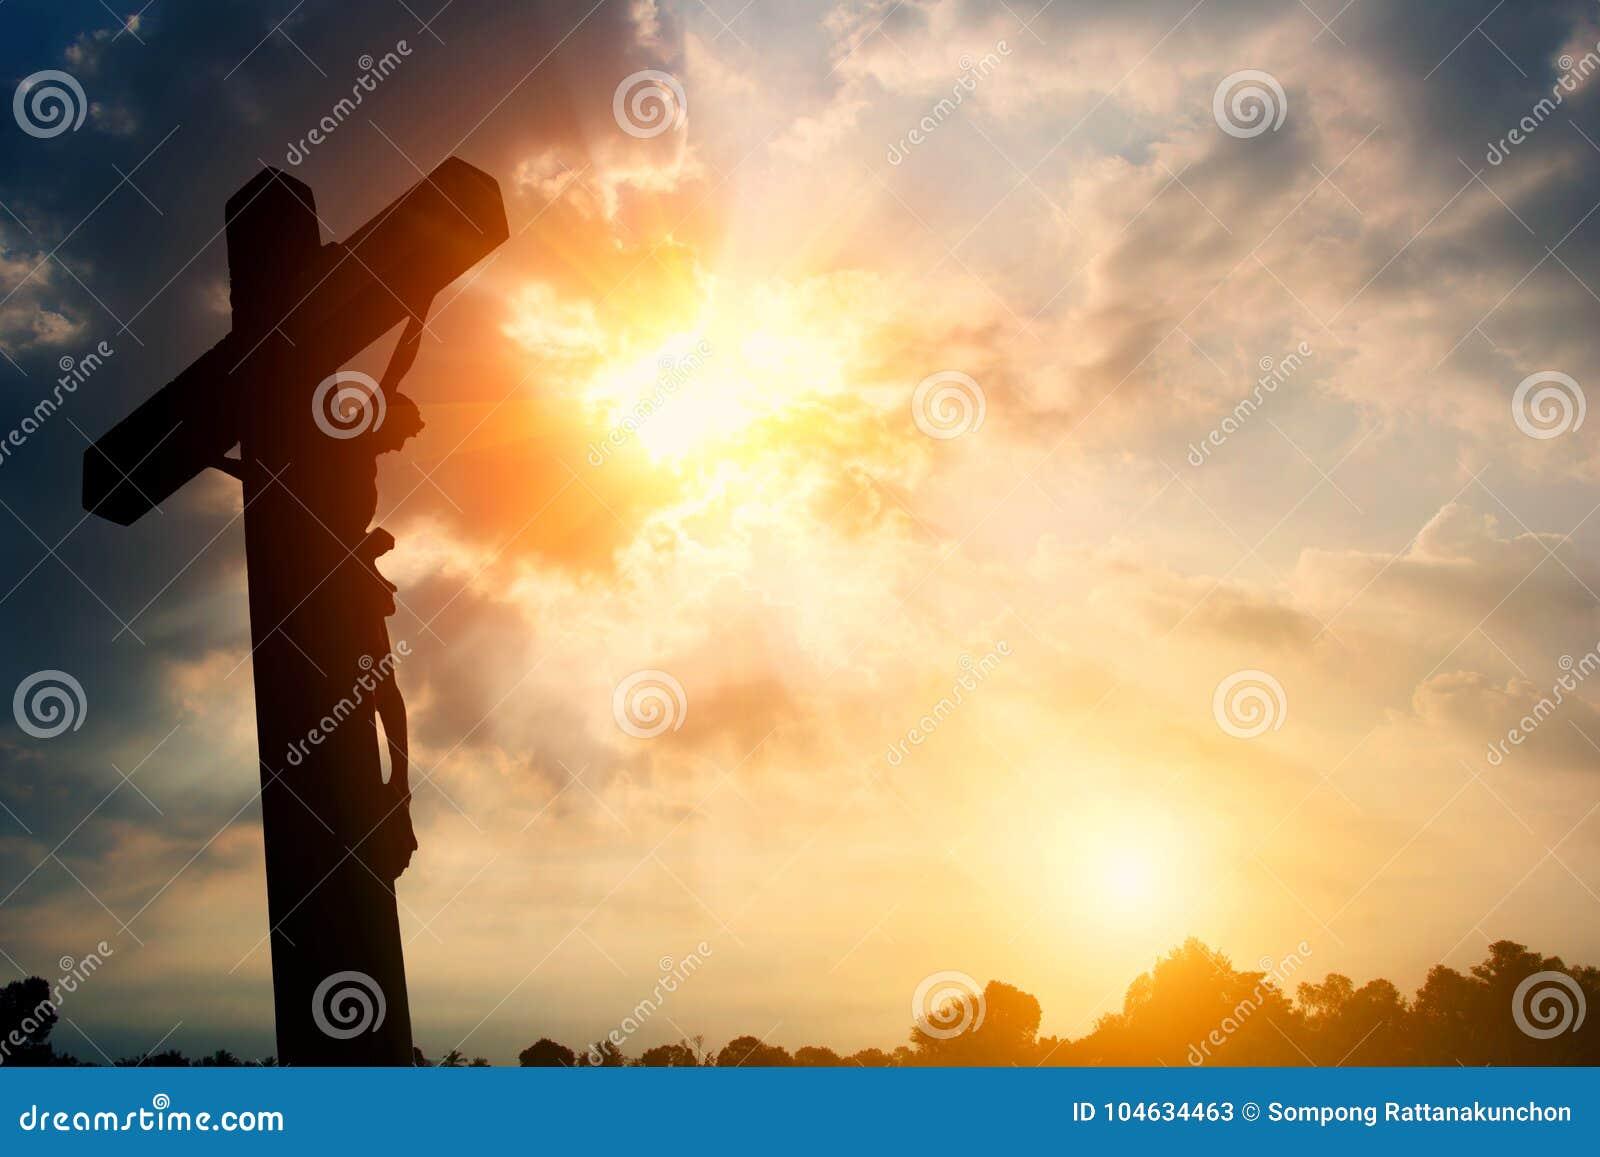 Download Godsdienstig Dwarssilhouet Tegen Een Hemel Van De Bochtenzonsopgang Stock Afbeelding - Afbeelding bestaande uit bijbel, kruisiging: 104634463